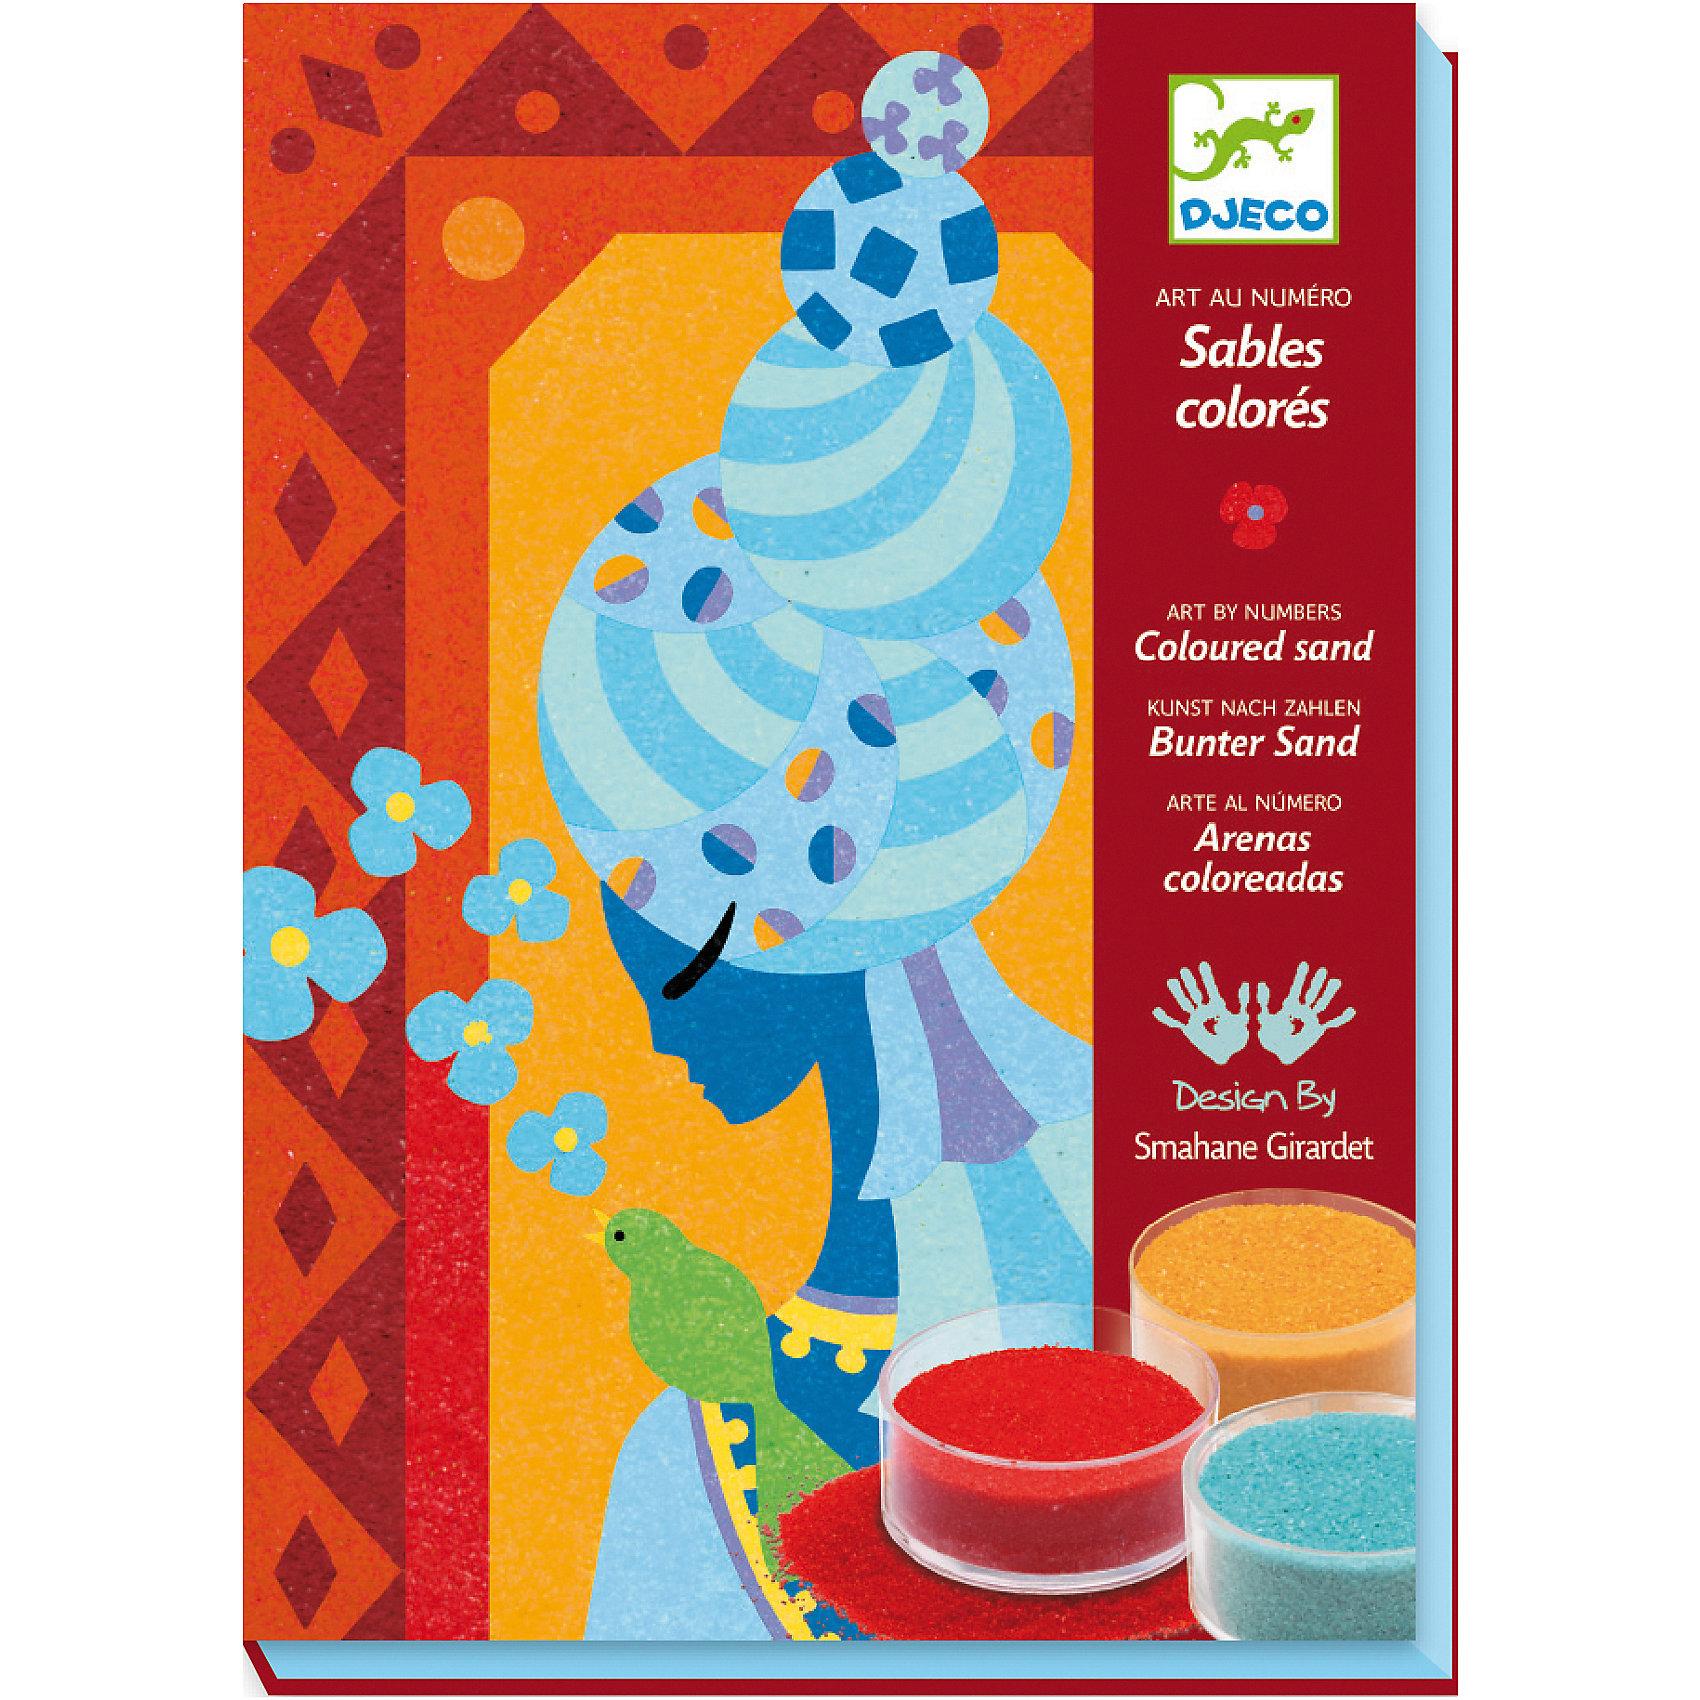 Песочная картинка Голубые принцессы DJECOРаскраска DJECO (Джеко) Голубые принцессы - это прекрасный набор для создания картинок с помощью цветного песка. <br><br>Этот набор предназначен для создания красивых ярких картин, которыми дети будут гордиться и смогут повесить у себя в комнате. <br><br>Дополнительная информация:<br><br>-  4 листа с клейкой основой с узором для создания картинок<br>- 12 баночек с цветным песком<br>- пошаговая инструкция<br><br>Рисование песком - это игровое и художественное занятие, способствующее развитию чувства гармонии, ловкости рук и креативности.<br><br>Ширина мм: 230<br>Глубина мм: 40<br>Высота мм: 165<br>Вес г: 500<br>Возраст от месяцев: 72<br>Возраст до месяцев: 132<br>Пол: Женский<br>Возраст: Детский<br>SKU: 2200023